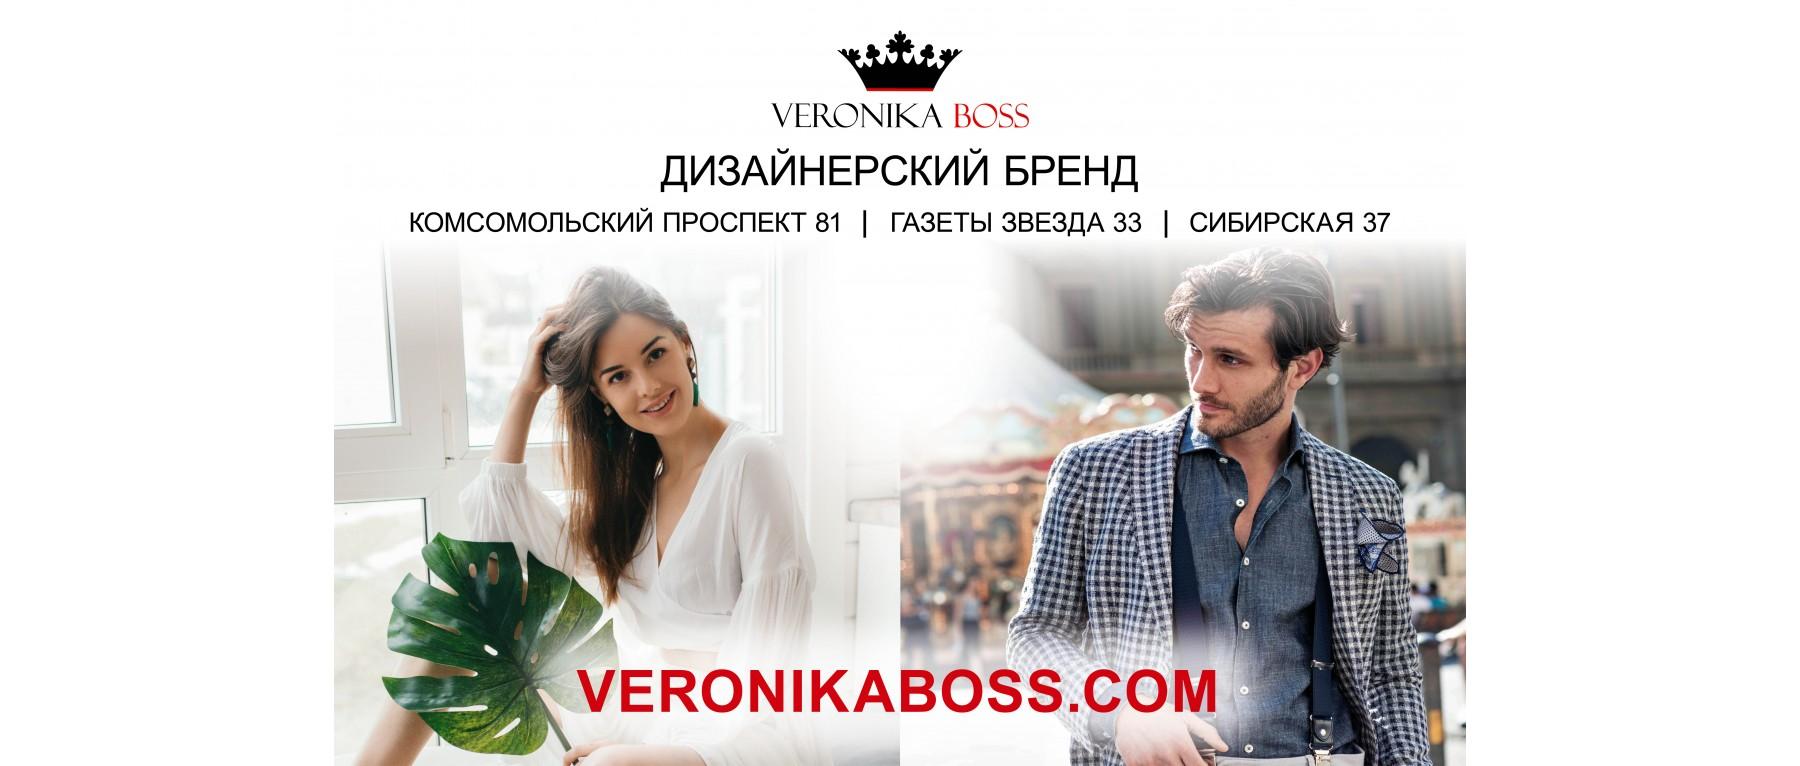 Будь мачо! с Veronika Boss - дизайнерская одежда